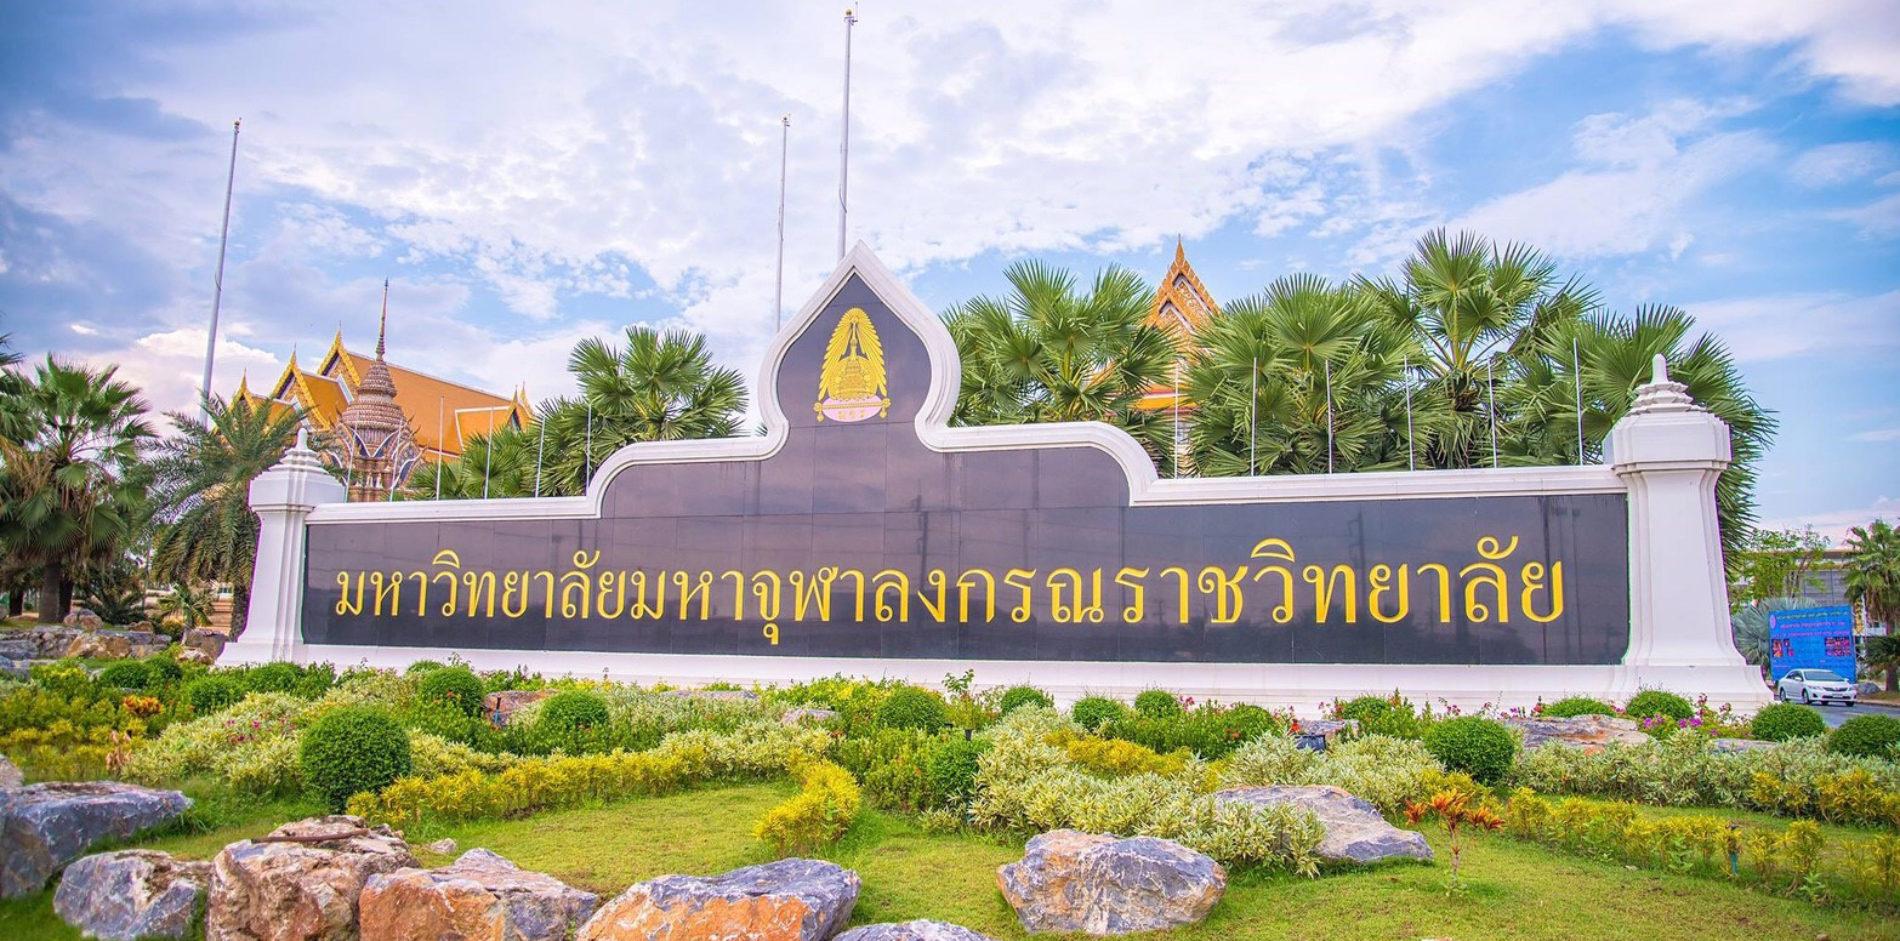 Буддийские университеты:  Махачулалонгкорн,  Таиланд